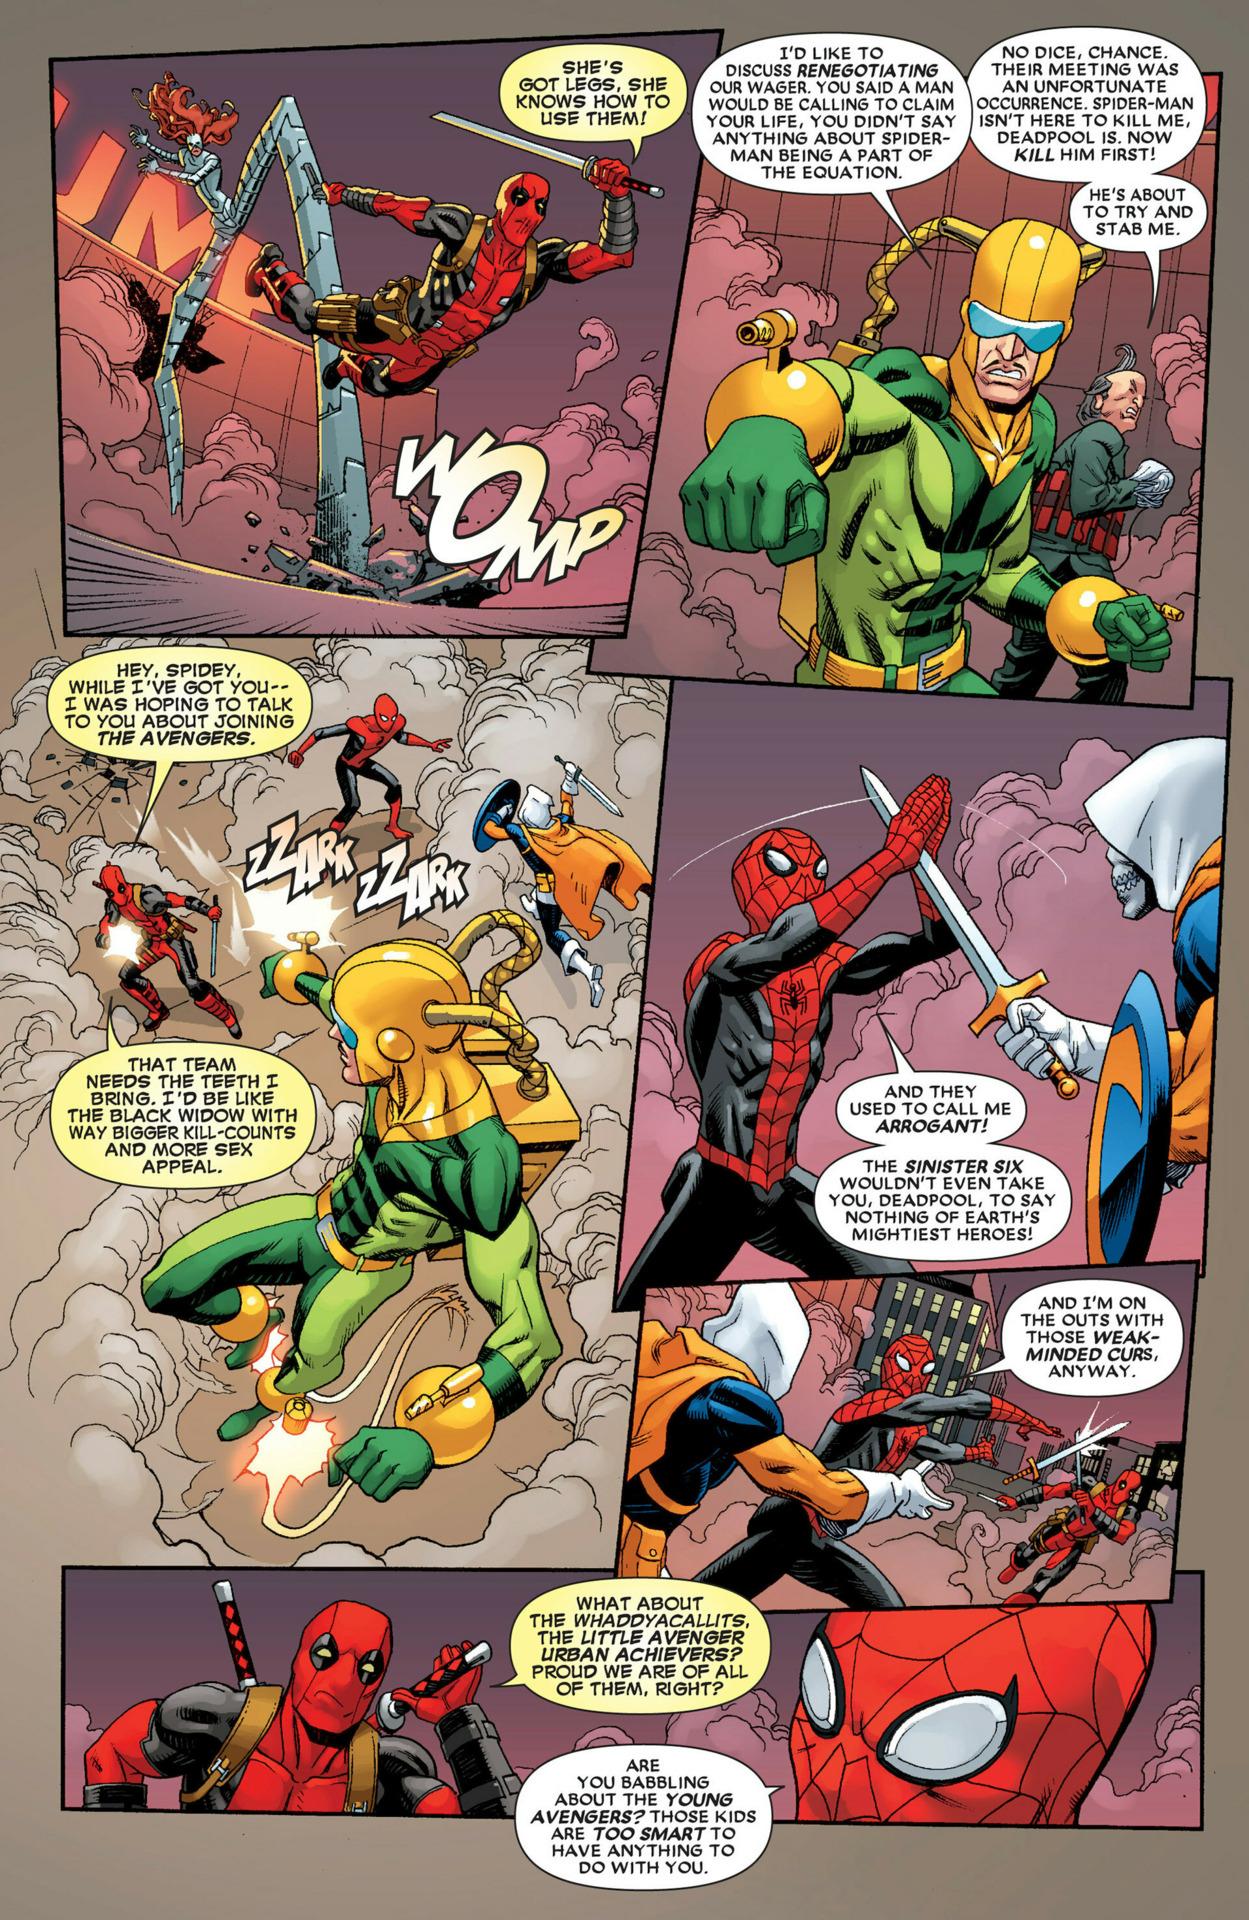 Deadpool Vol. 3 #10